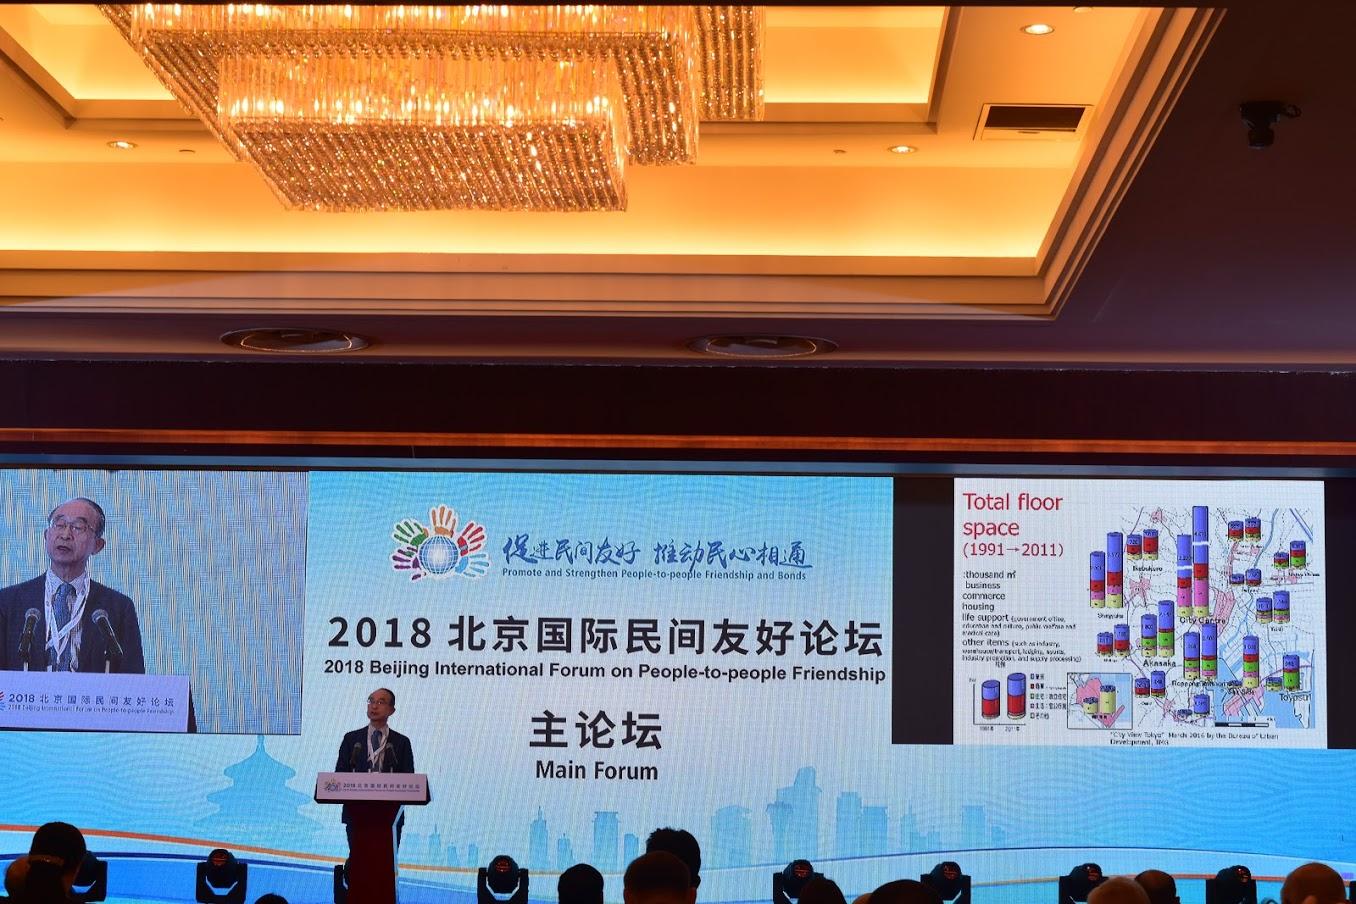 2018 05 27 28 北京市国際シンポジウム 講演 一般社団法人 都市調査会